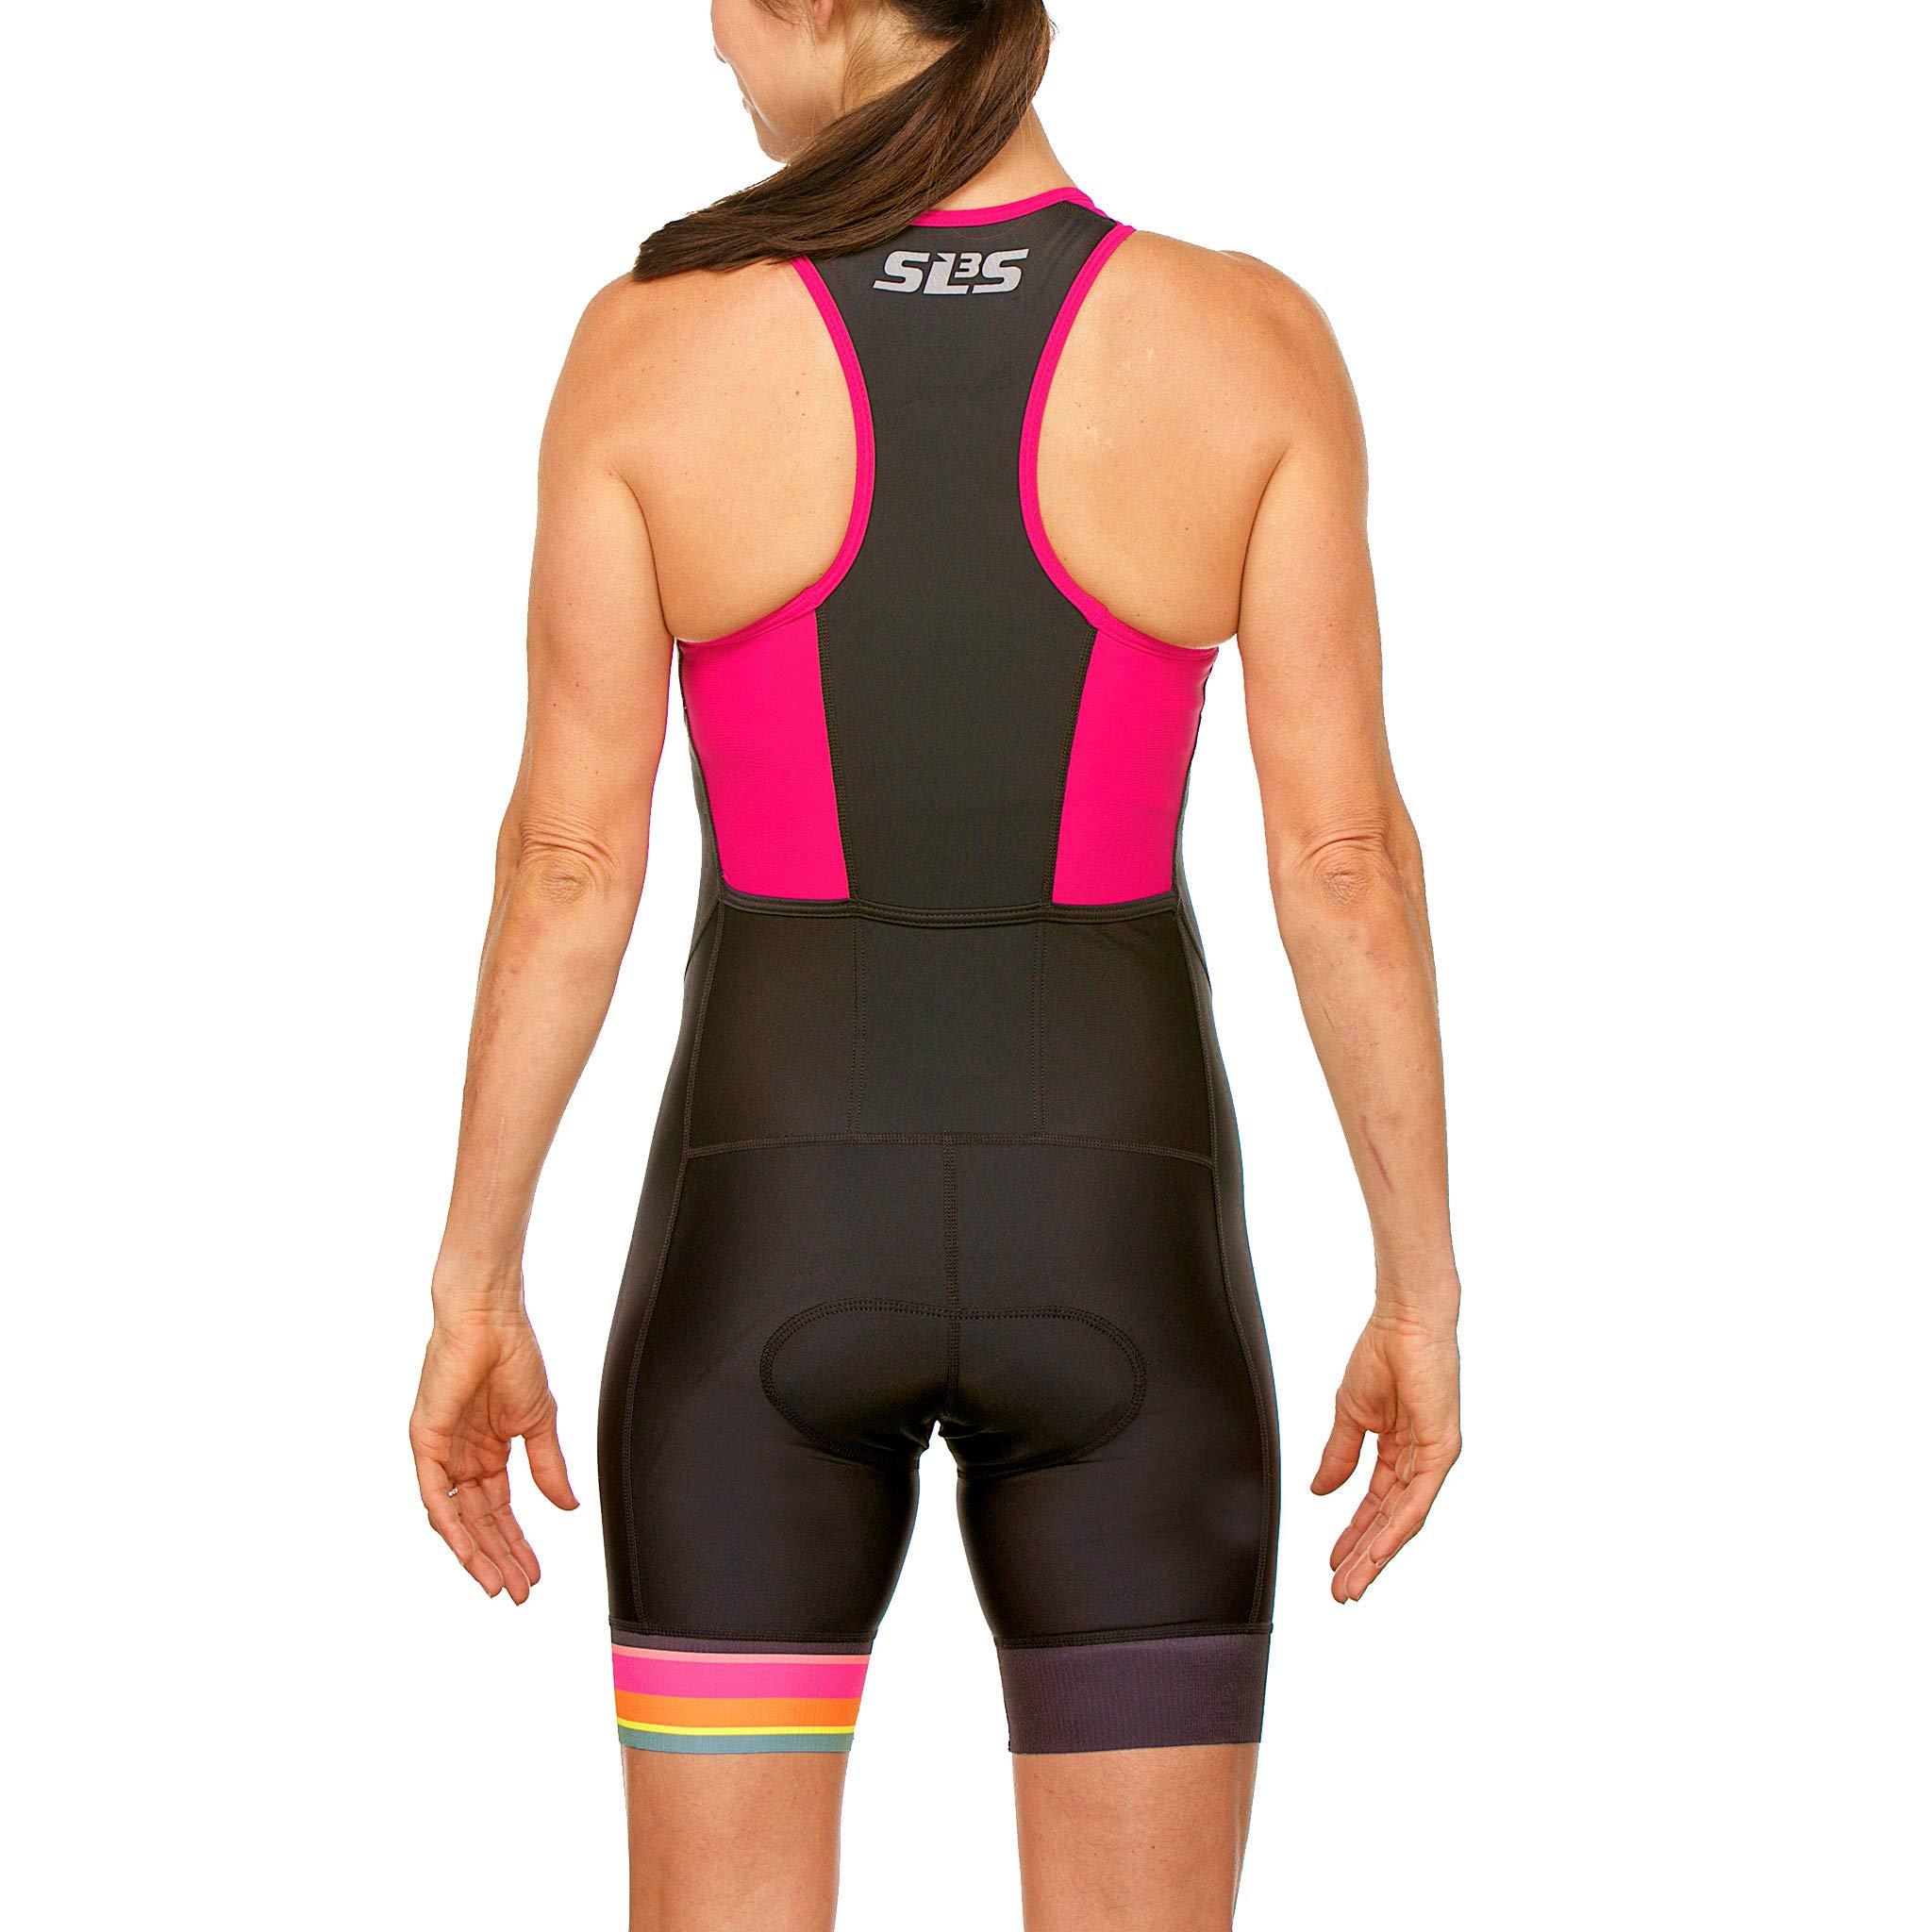 SLS3 Women`s Triathlon Tri Race Suit FRT | Womens Trisuit | Back Pocket Triathlon Suits | Anti-Friction Seams | German Designed (Black/Bright Rose, L) by SLS3 (Image #2)